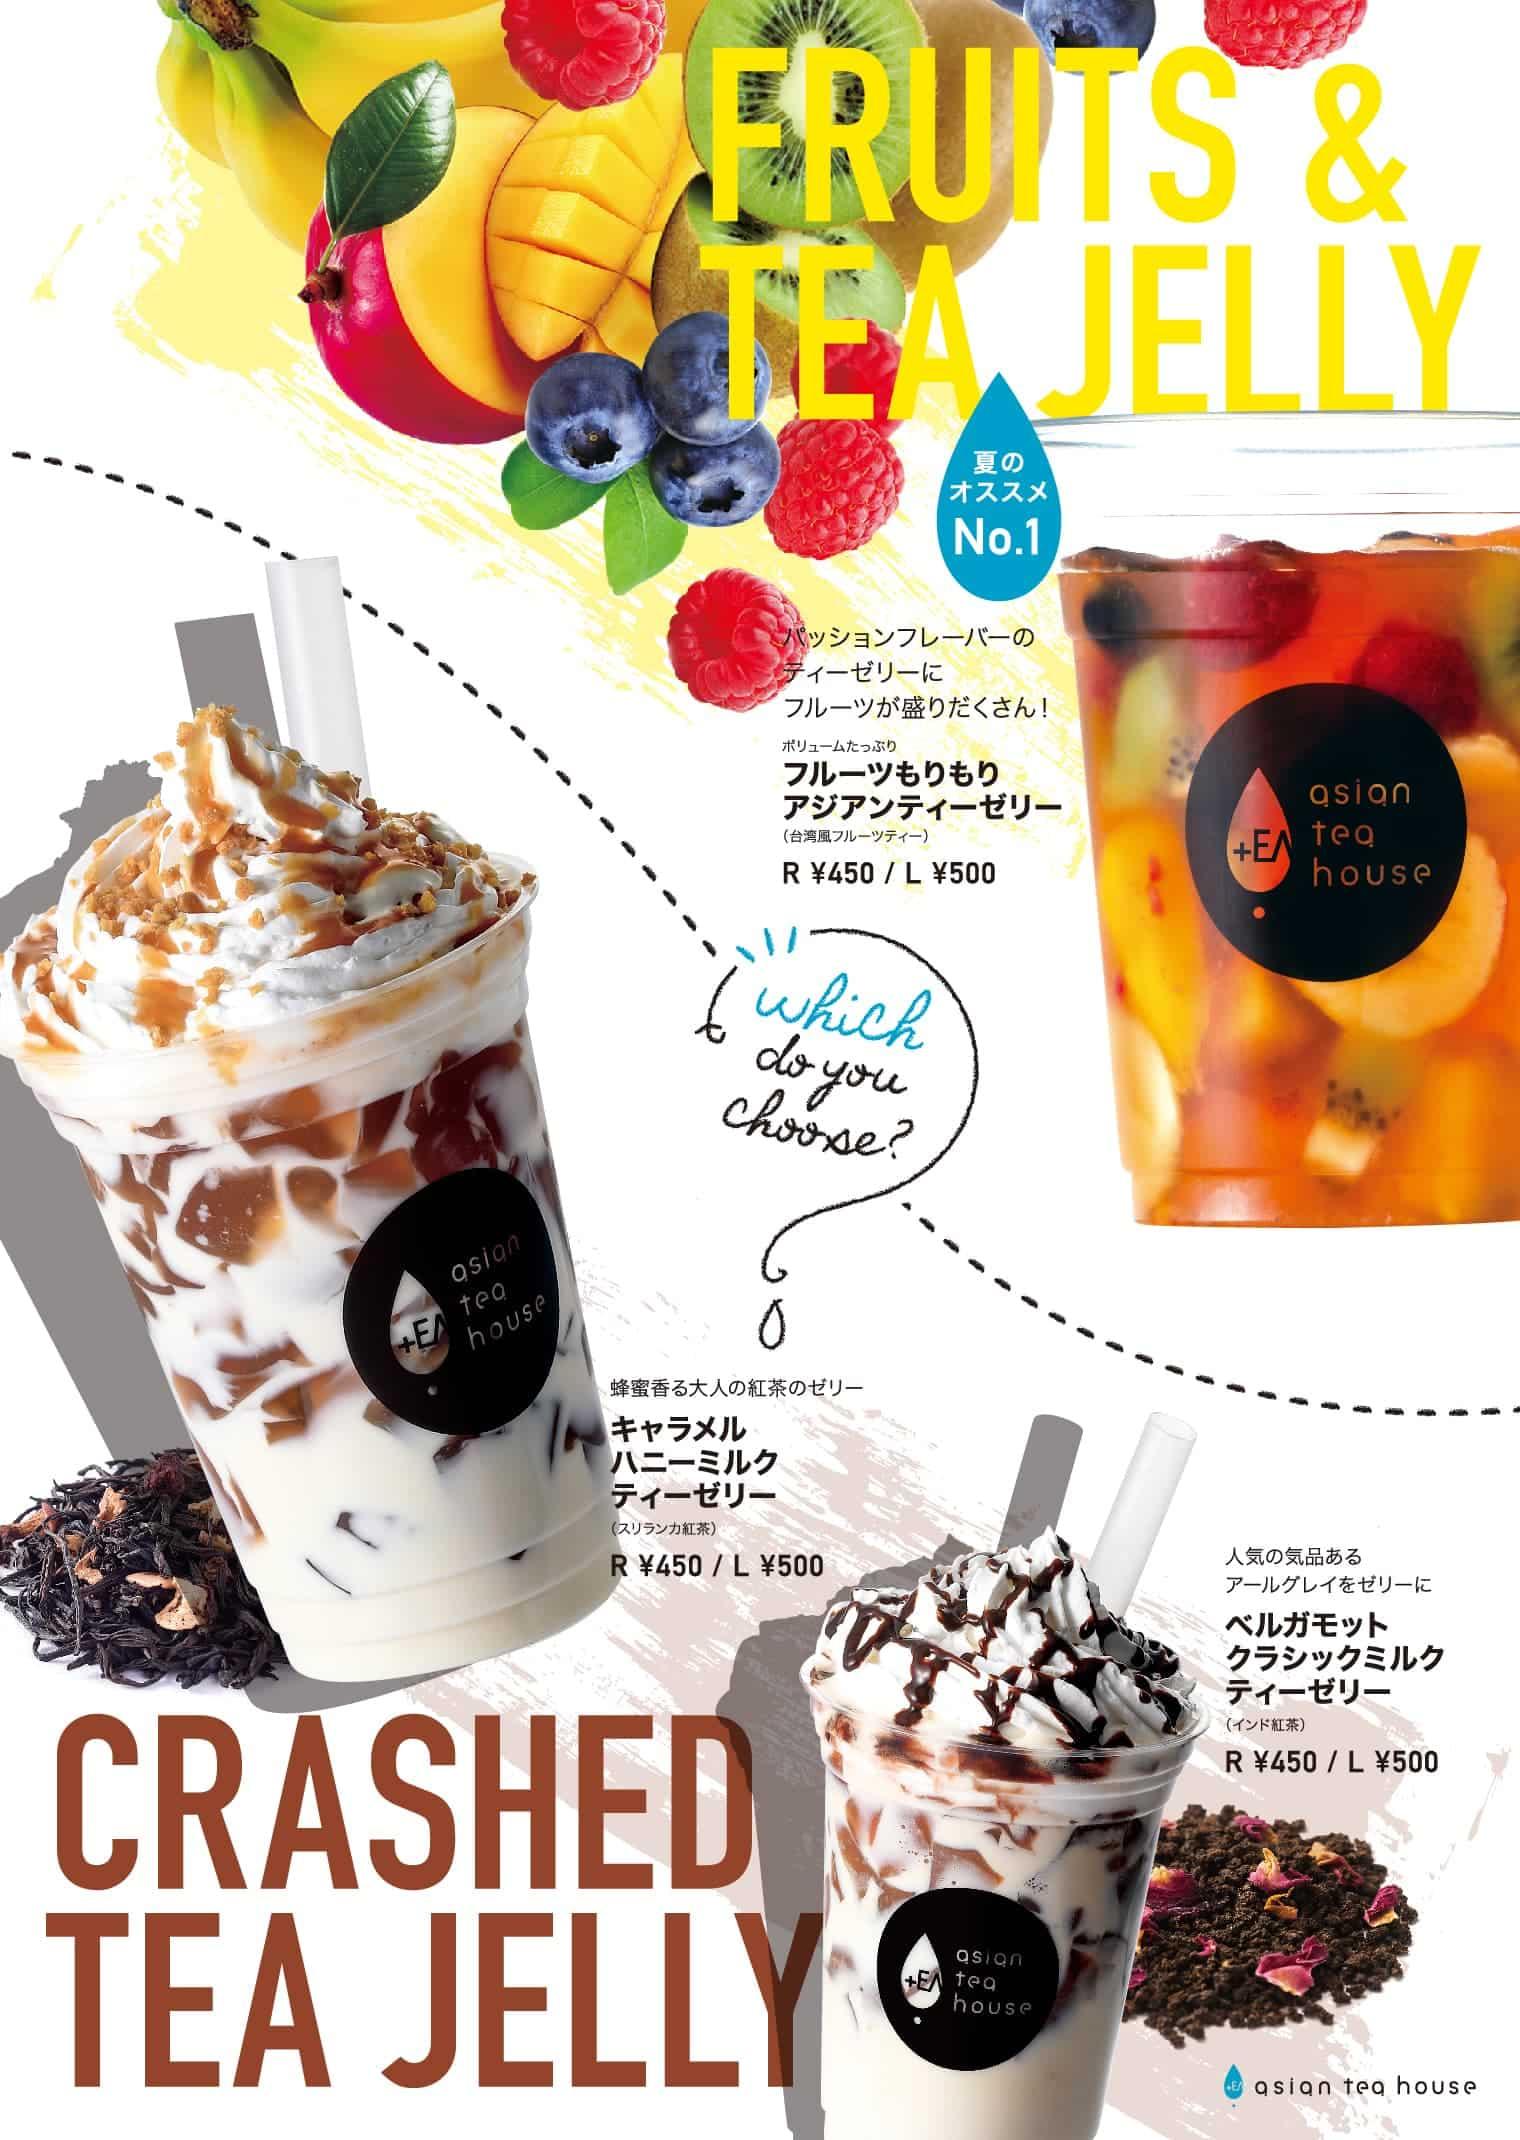 8 1 - ตัวอย่างป้ายเมนูเครื่องดื่มกาแฟ เมนูอาหารดีไซน์สไตล์ญี่ปุ่น